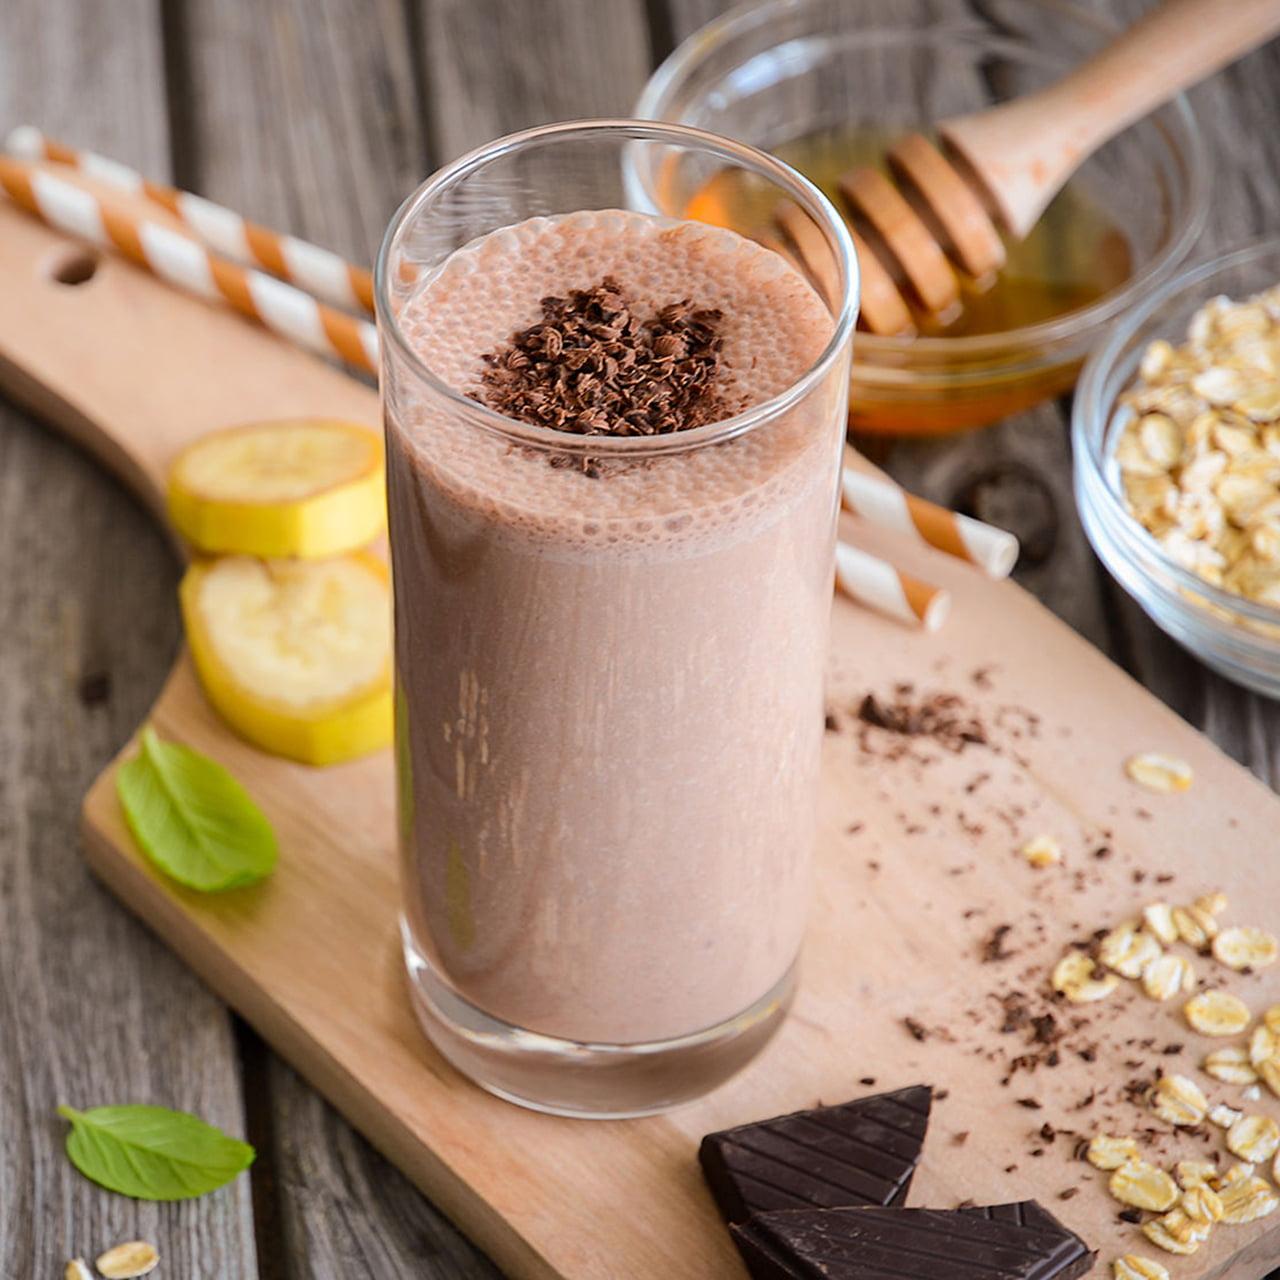 صورة حلى بدون سكر , حلويات تظبط مستوى السكر فى جسمك